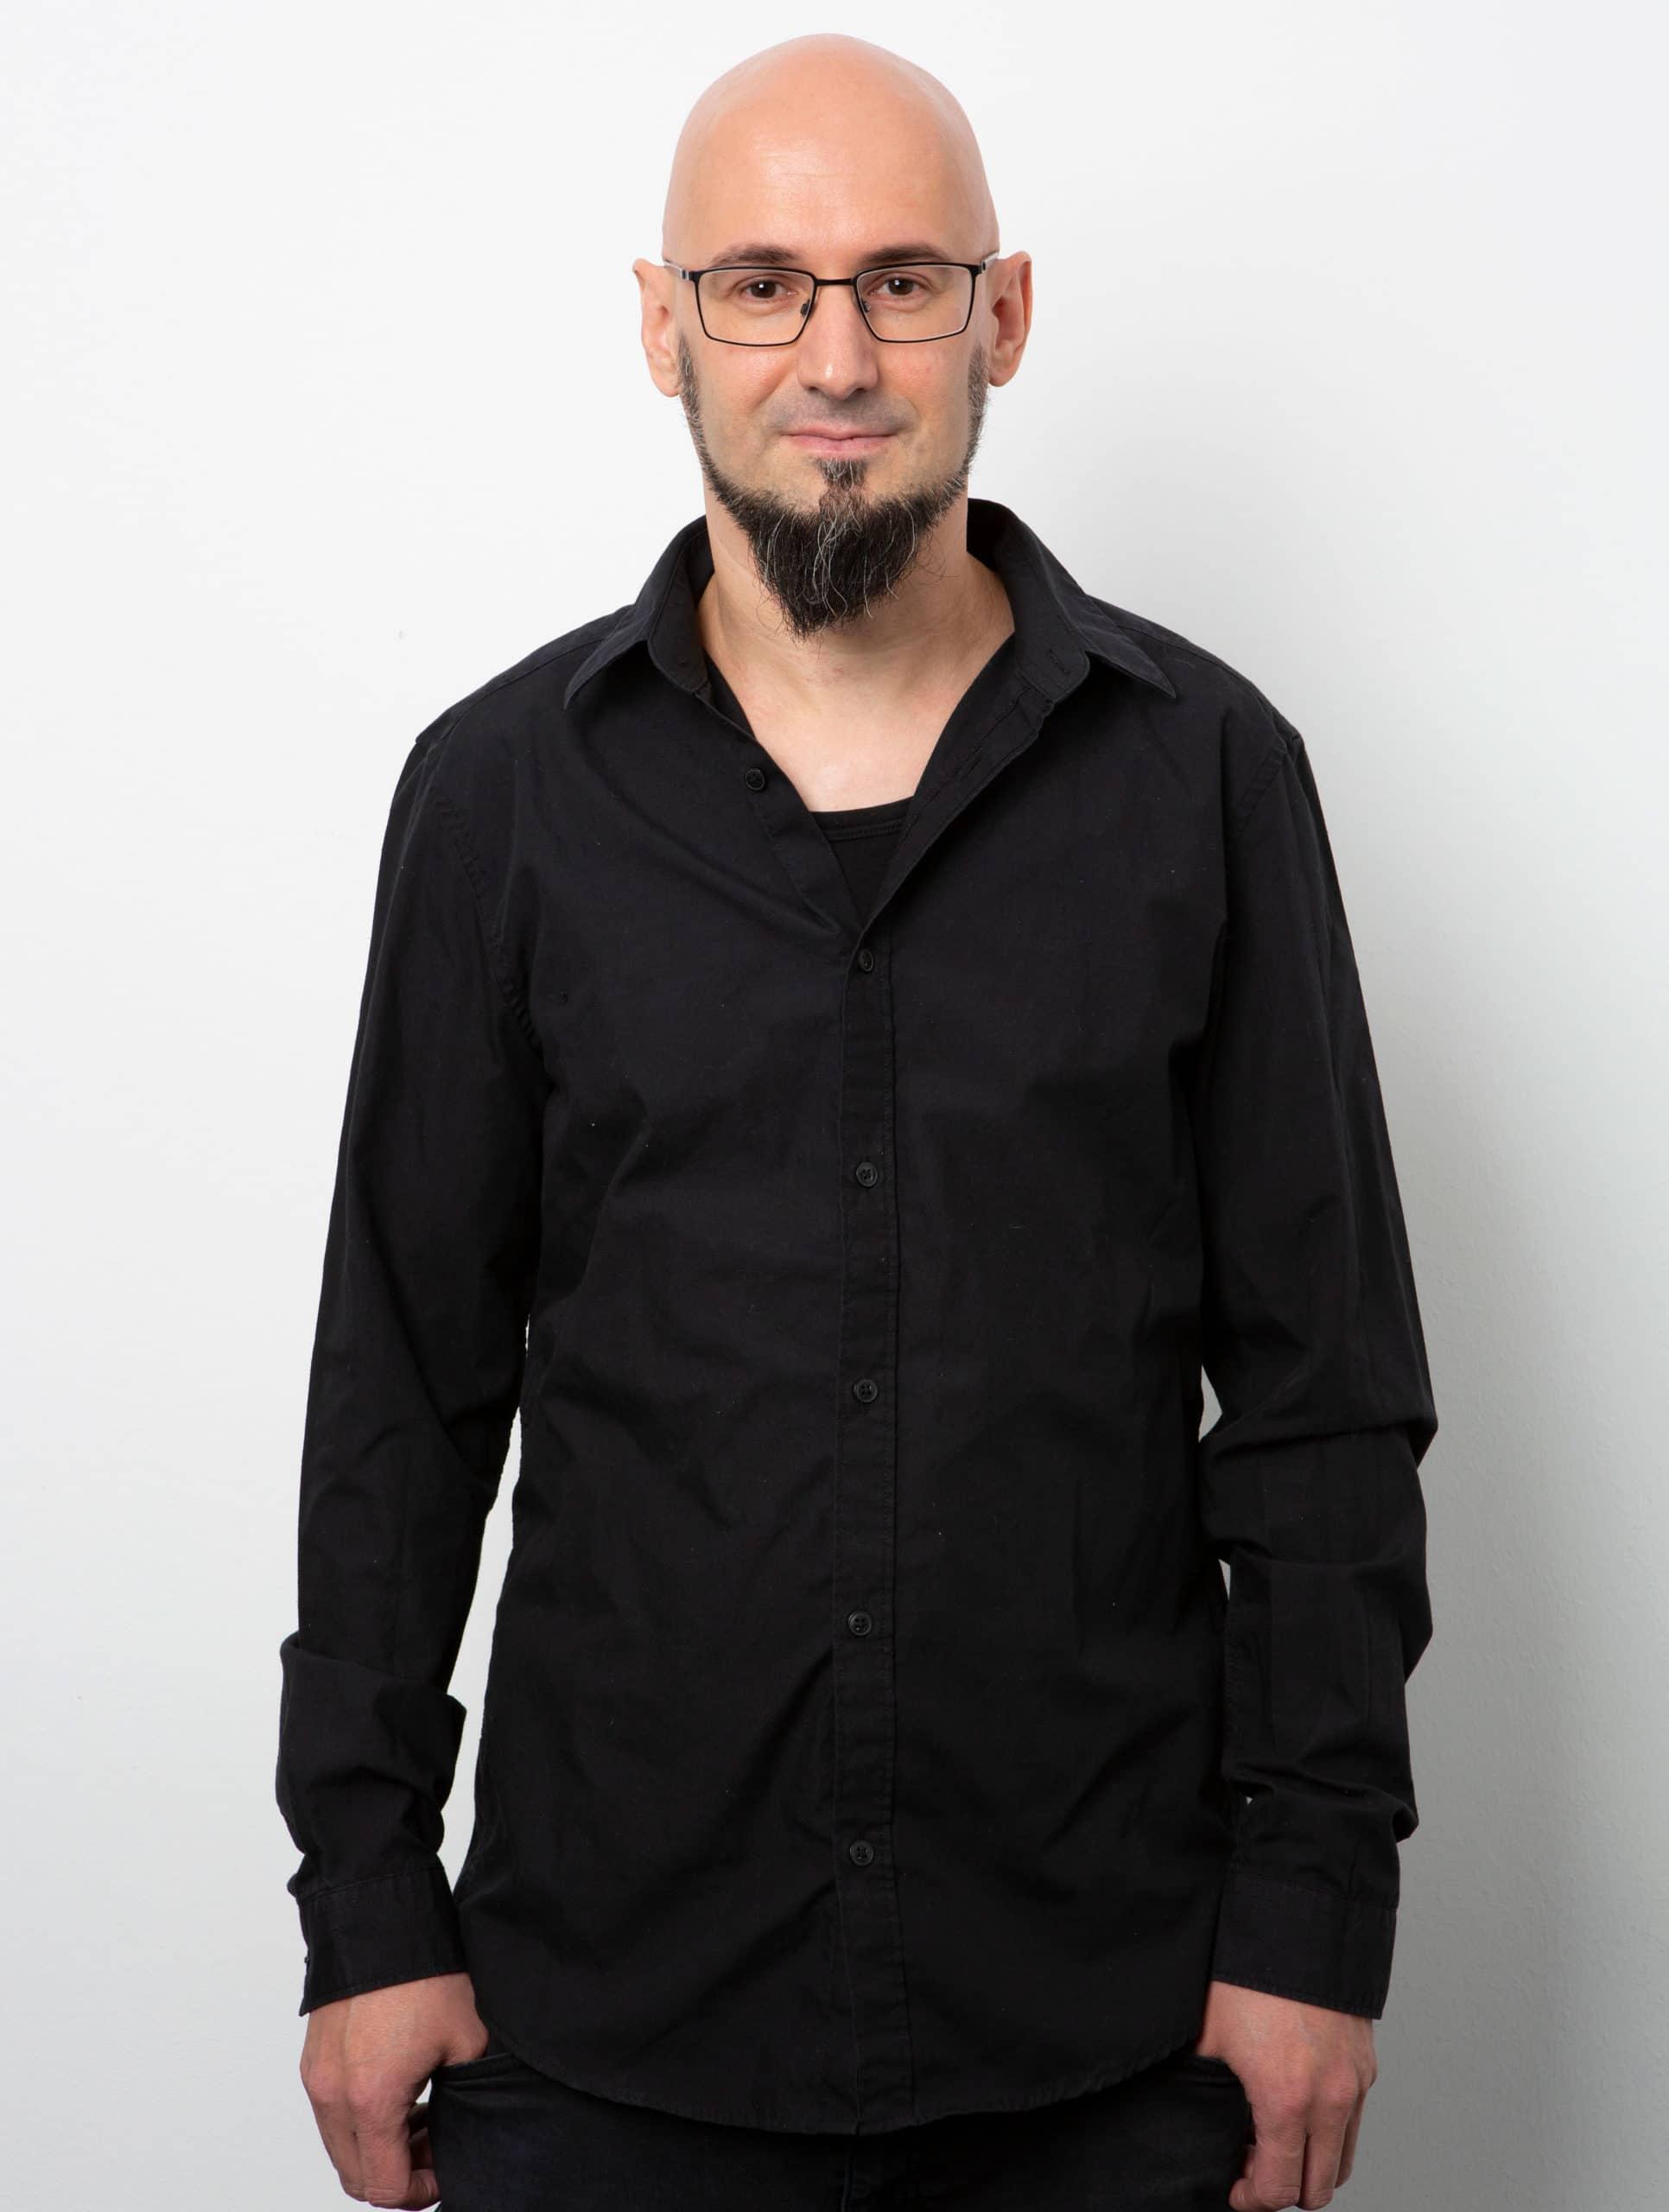 Marcus Kober